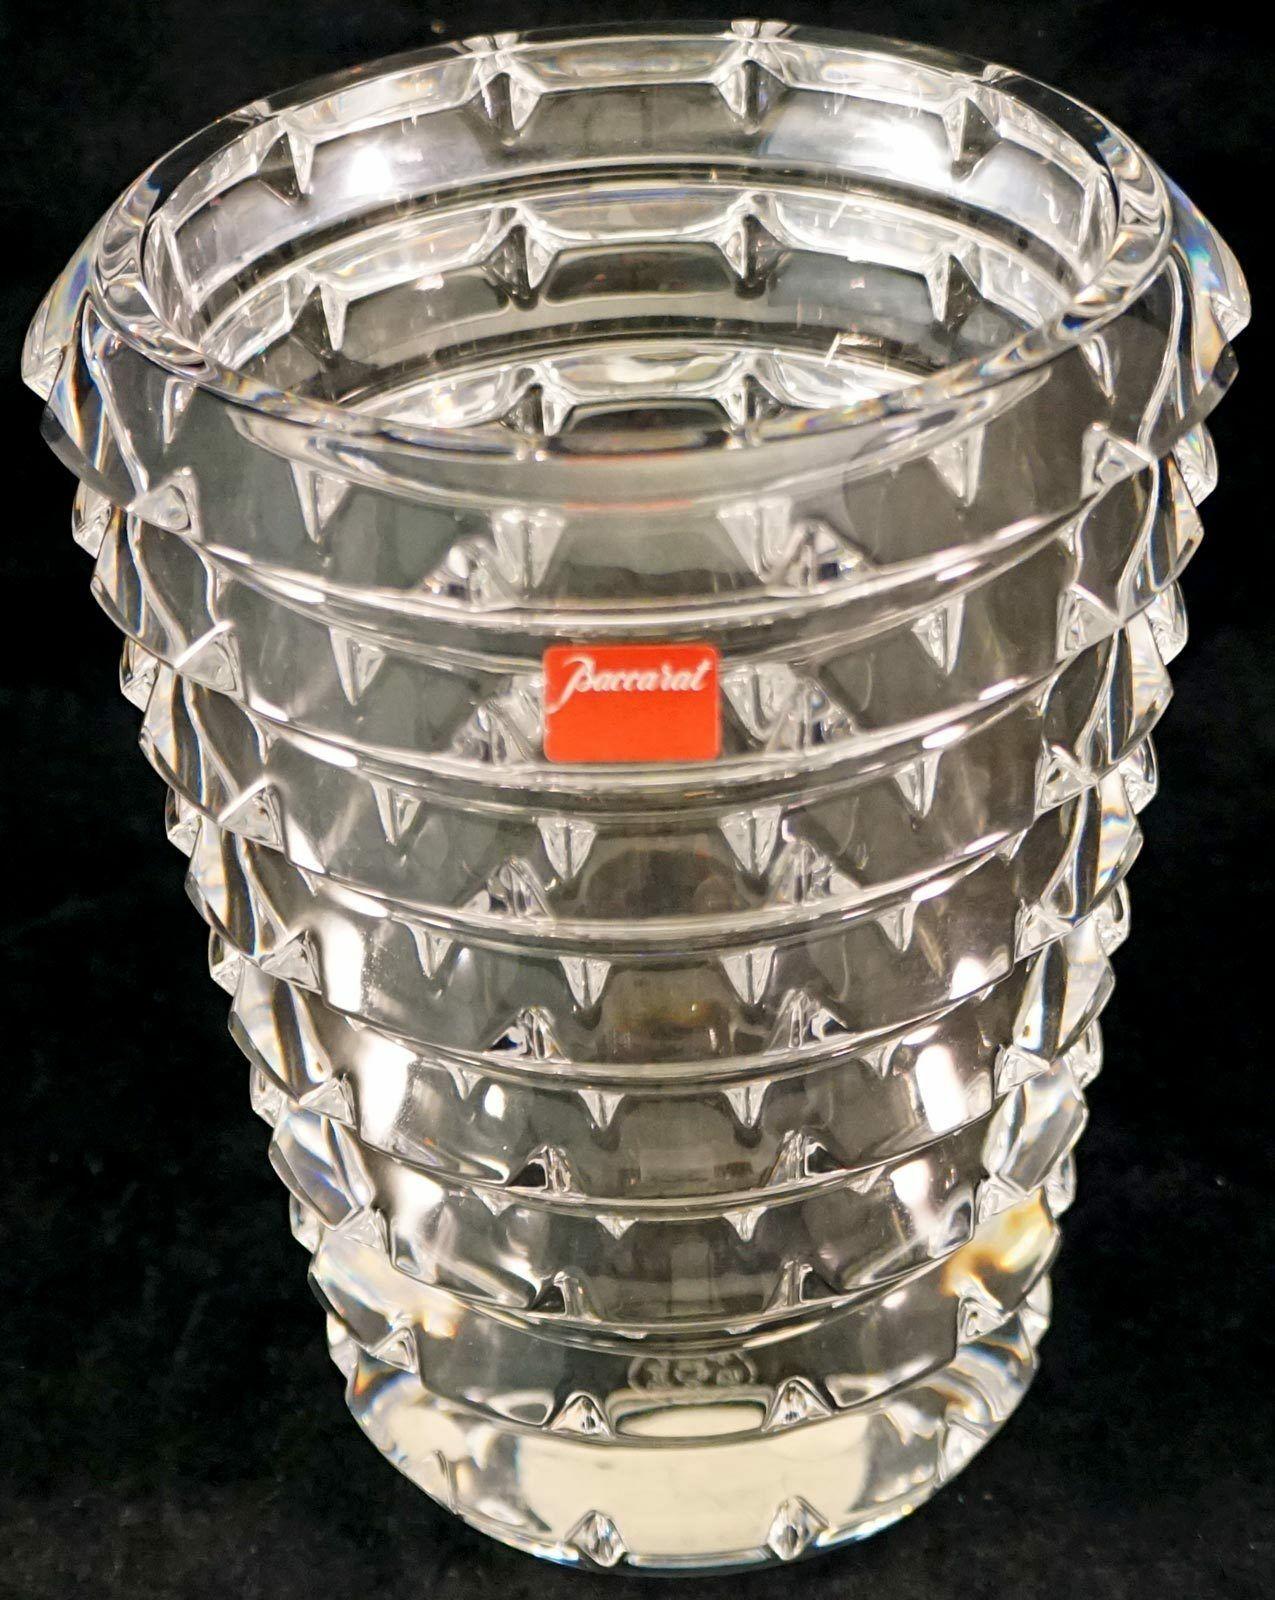 Baccarat Crystal Arlequin Vase Lovely Modern Pattern Marked - $475.00